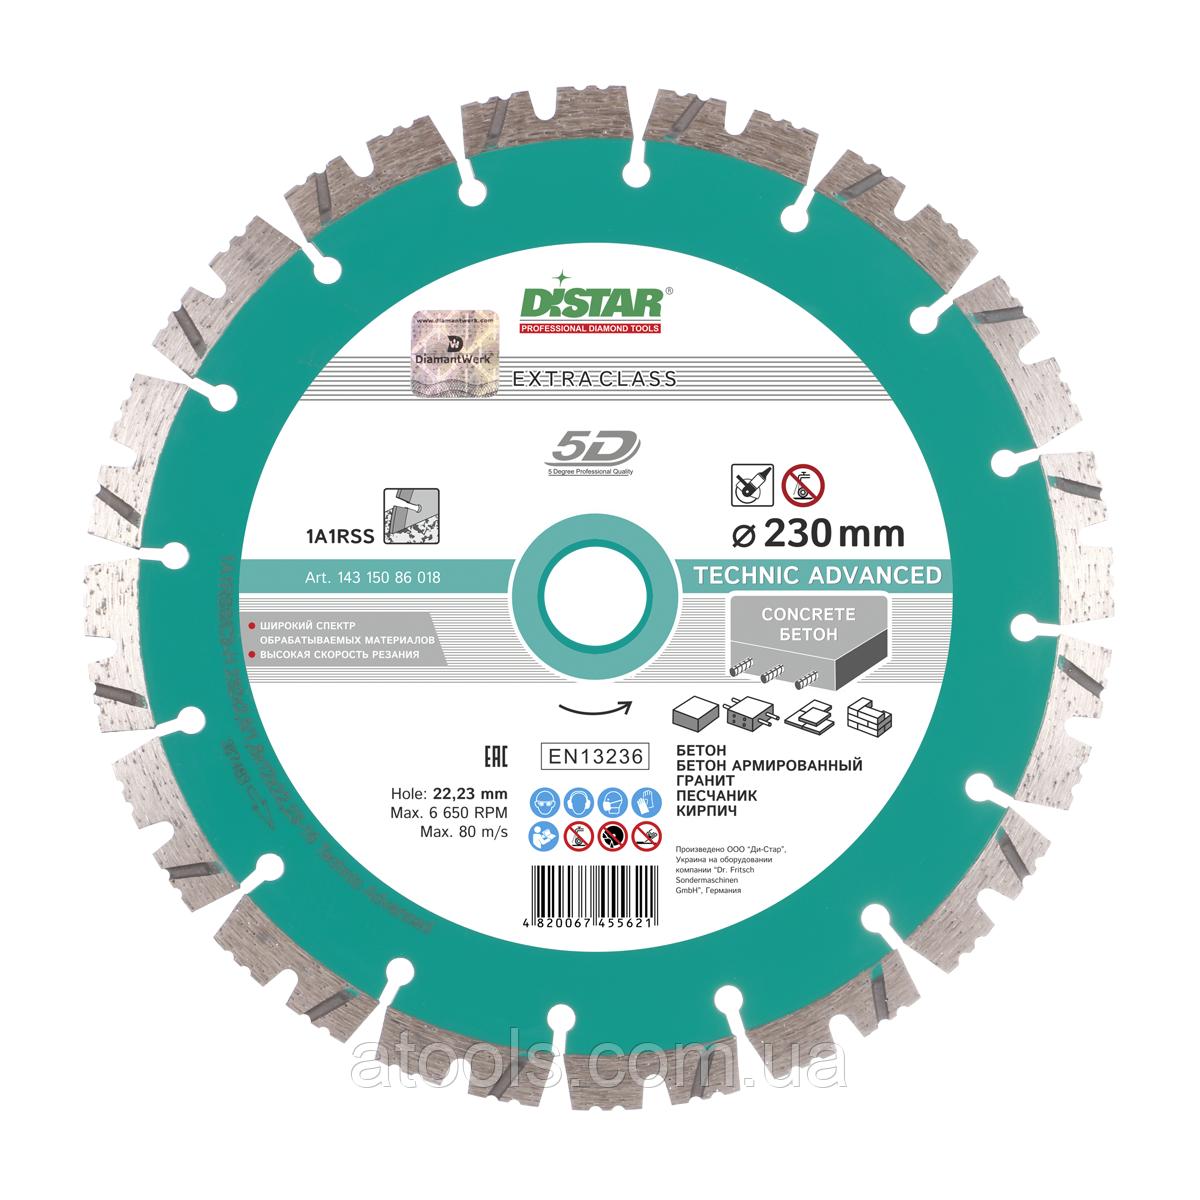 Алмазный отрезной диск Distar Technic Advanced 1A1RSS/C3 232x2.6/1.8x12x22.23-16 (14315086018)